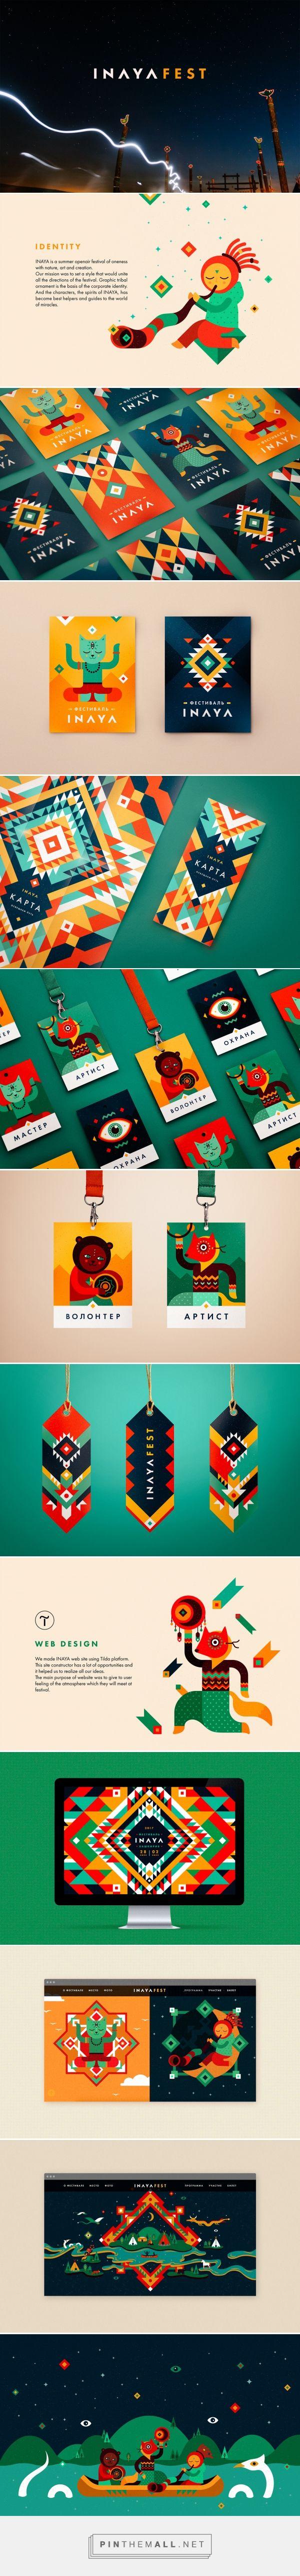 INAYA Festival identity on Behance #visual identity #branding #pattern